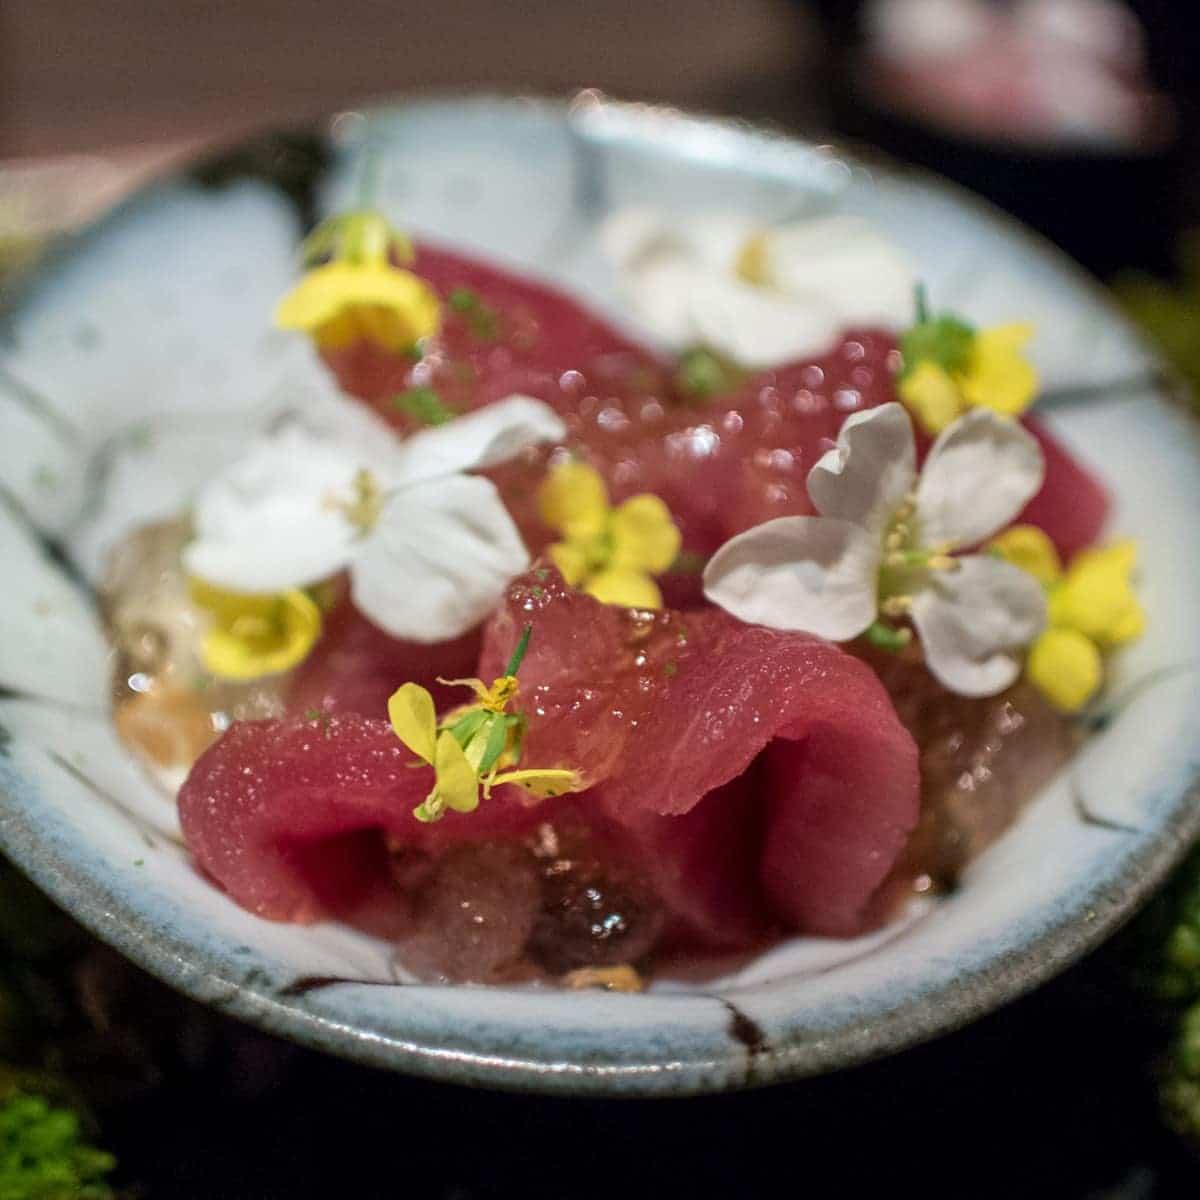 Traditional japanese wedding foods - Sashimi